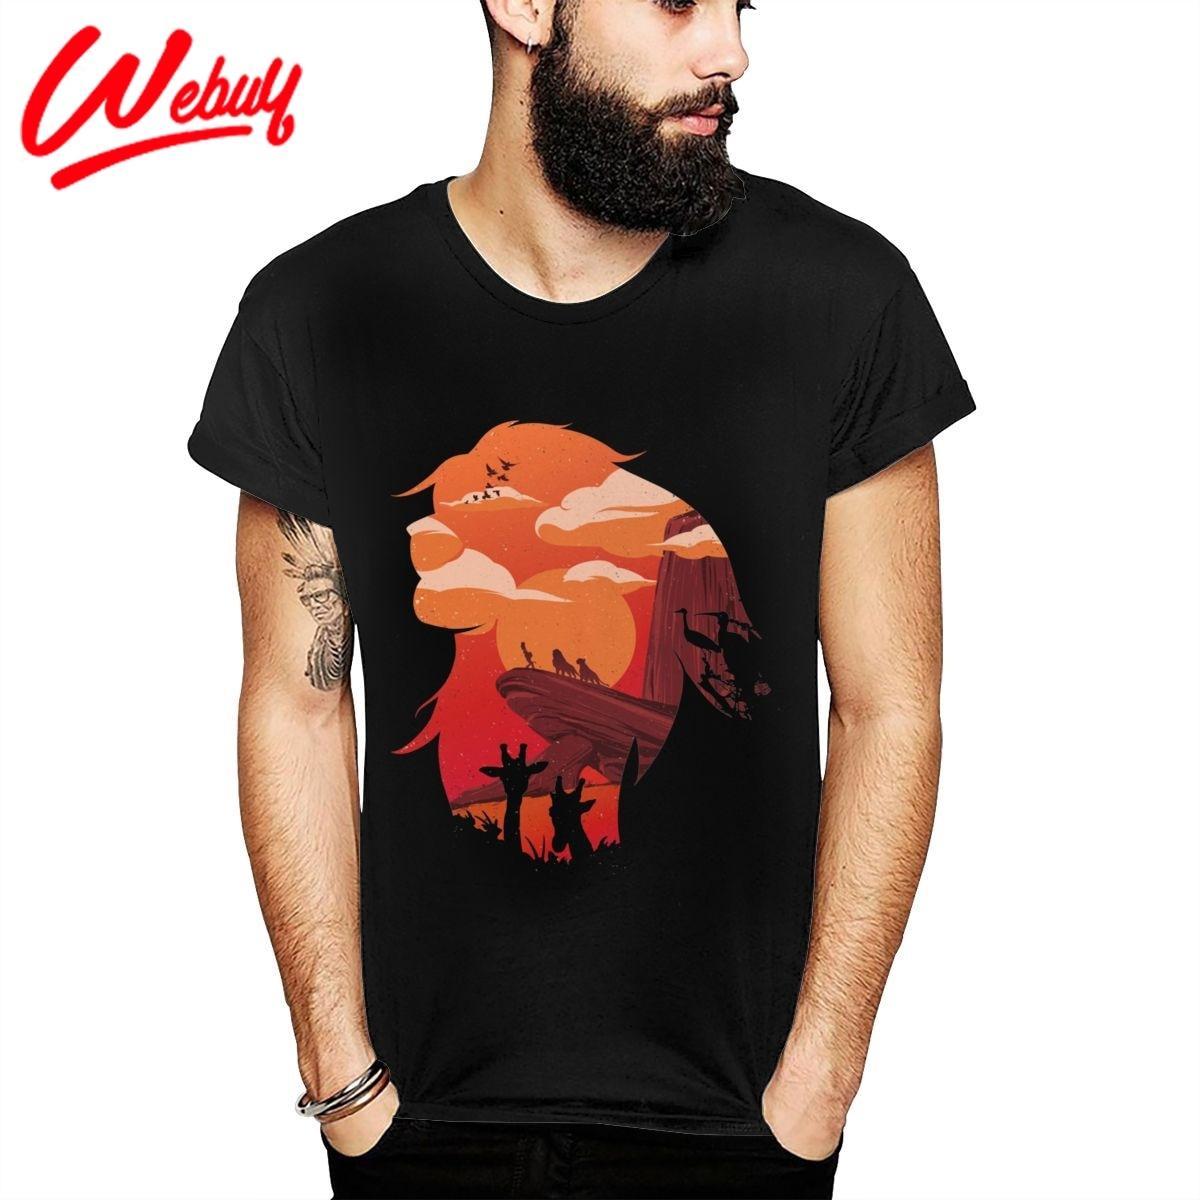 Camiseta de algodón suave a La moda León rey Mufasa círculo de La vida 100% nueva llegada cuello redondo cómodo Camiseta La Camiseta